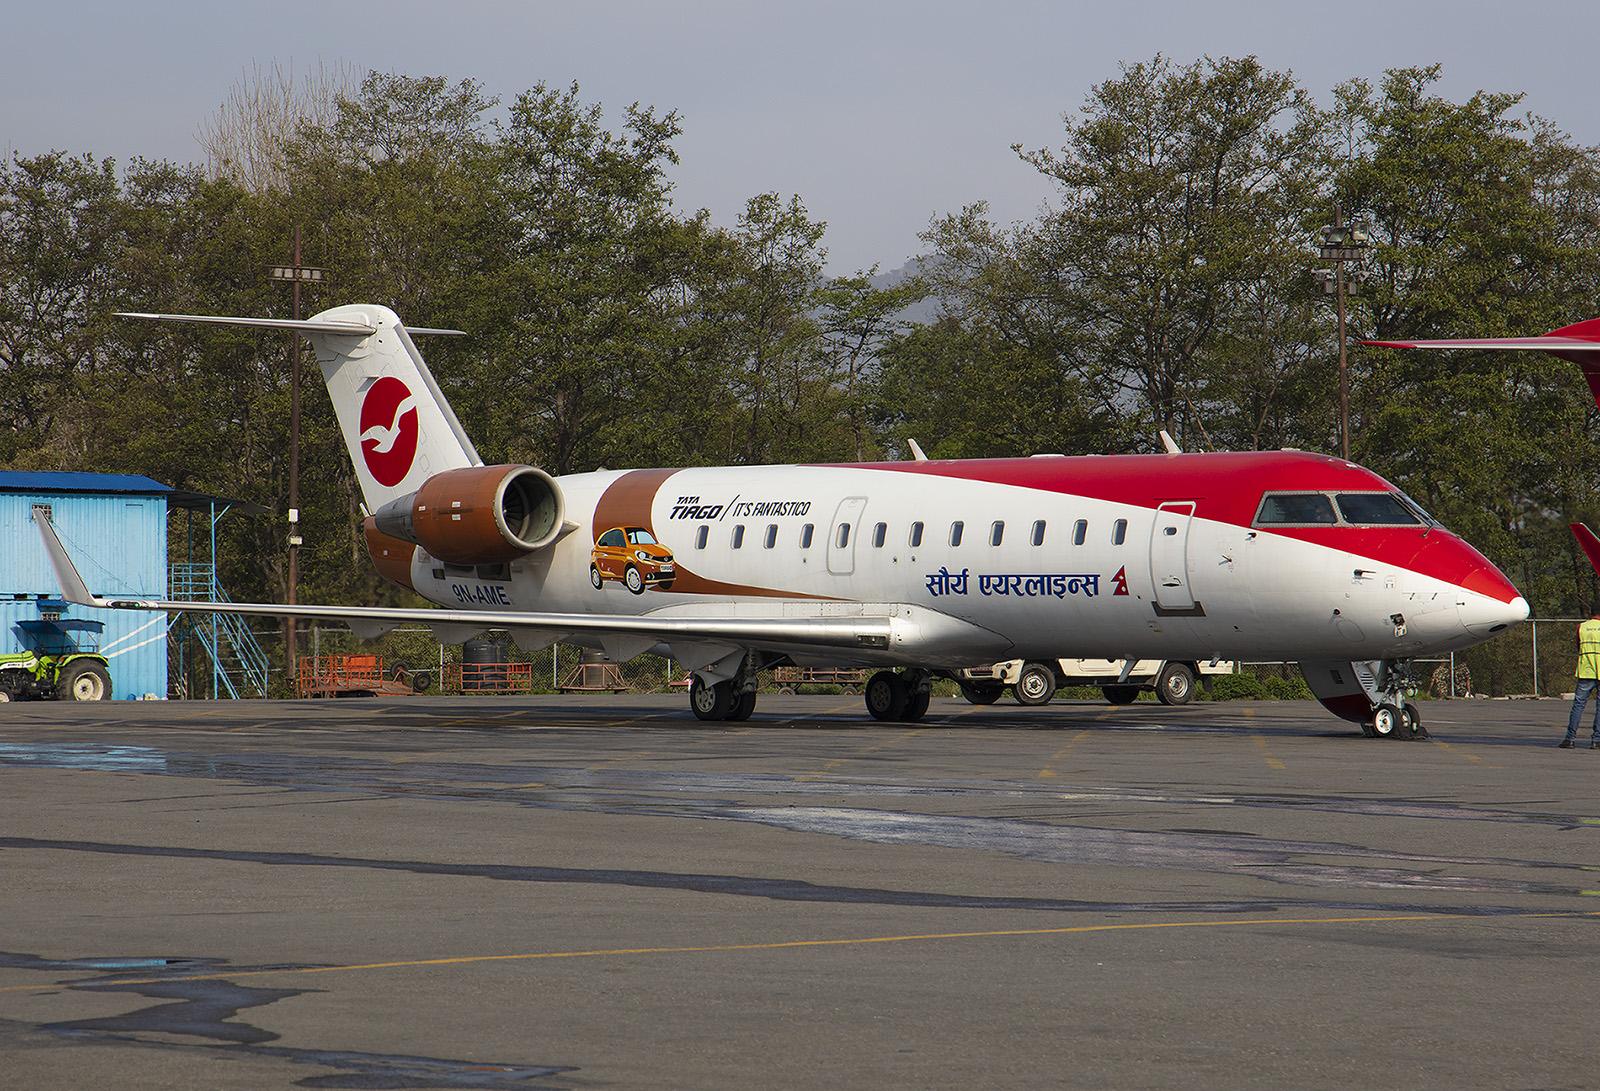 Diese CRJ-200 von Saurya Airlines flog schon in den USA, Südafrika und Nigeria.